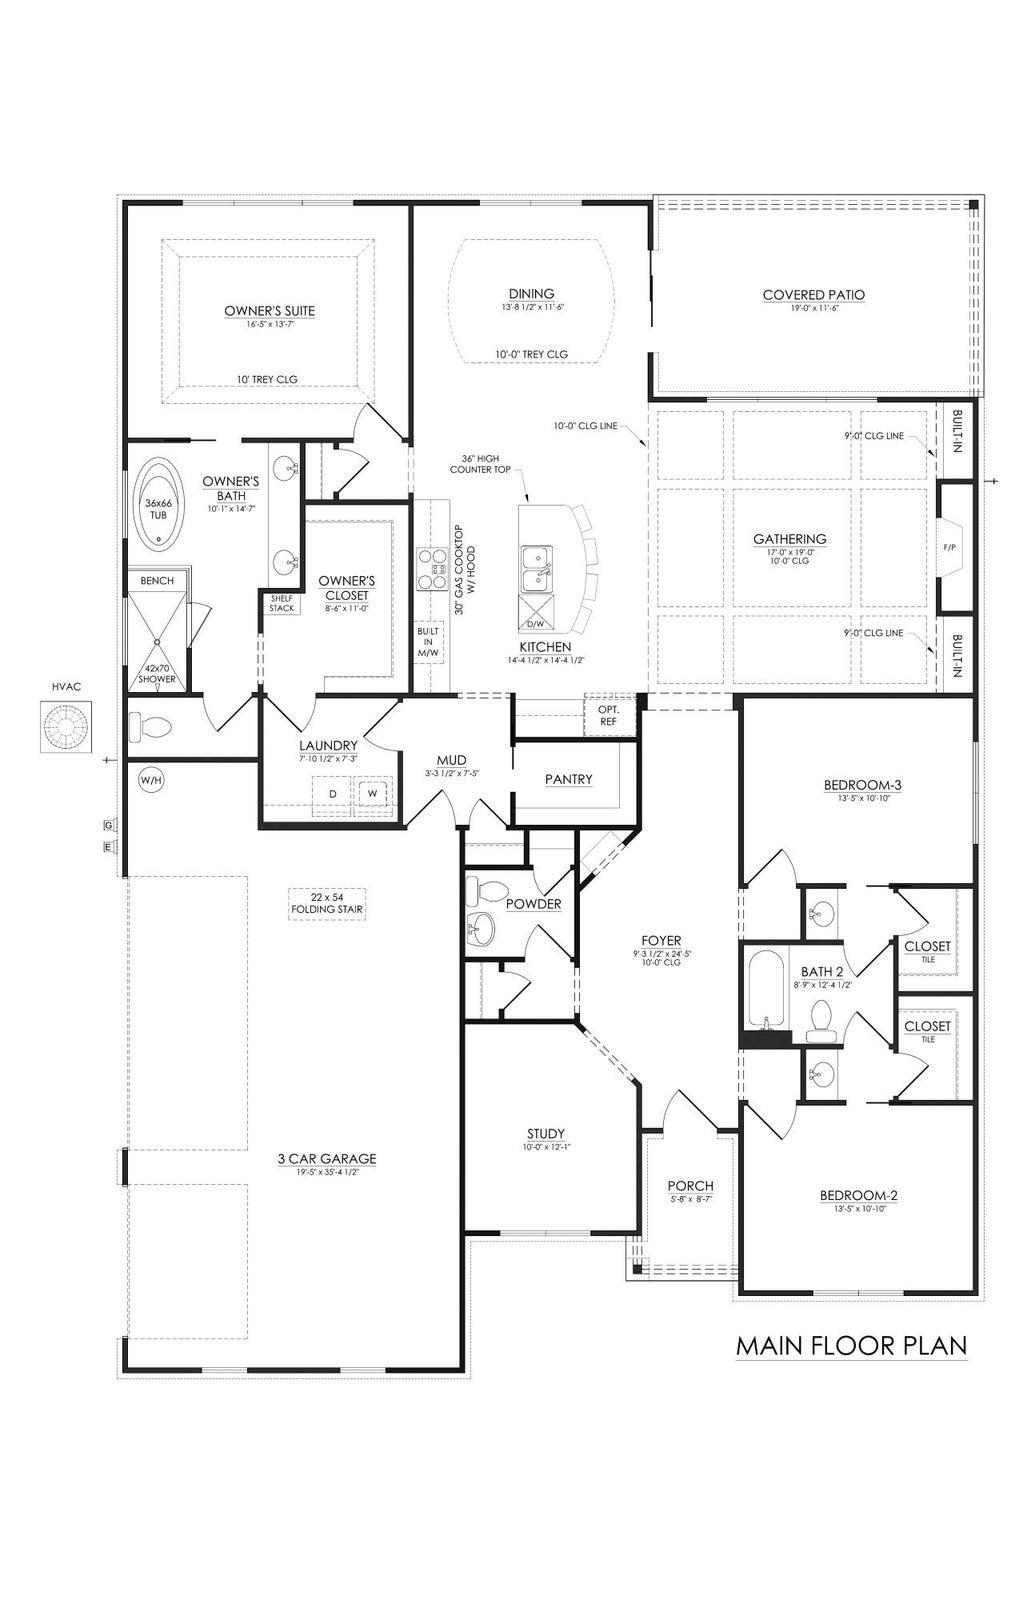 Main Floor Plan - Sales_00001